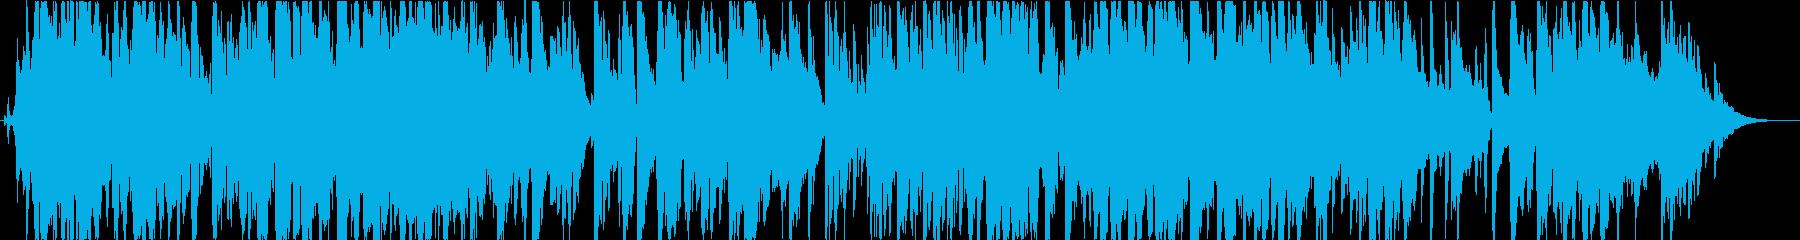 アドリヴサックスを自由に奏でるジャズの再生済みの波形